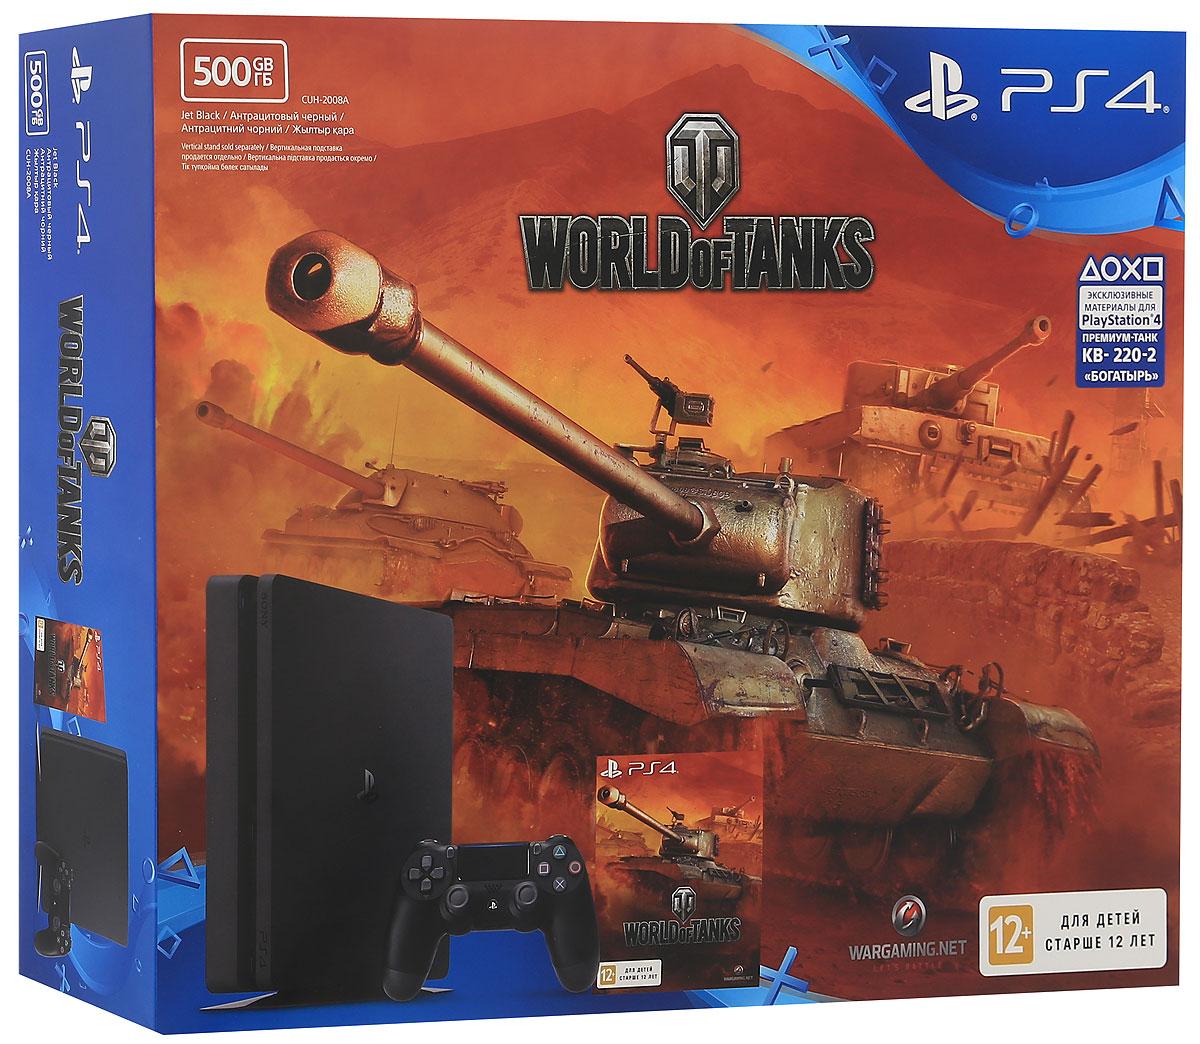 Игровая приставка Sony PlayStation 4 Slim (500 GB) + ваучер World of Tanks1CSC20002747Внутренняя архитектура для новой версии PS4 была полностью пересмотрена, в результате чего объем консоли уменьшился более чем на 30%, а вес - на 25% и 16%. Также новая версия PS4 более энергоэффективна, так как потребление энергии было снижено на 34% и 28% в сравнении с предыдущими моделями консоли. Новая версия PS4 унаследовала скошенный дизайн предыдущих версий. Фронтальная и тыльная части корпуса расположены под углом. Вершины корпуса срезаны и закруглены, создавая более легкий дизайн, импонирующий большинству аудитории. Новый простой дизайн с глянцевым логотипом PS в центре верхней грани консоли будет прекрасно смотреться вне зависимости от того, как вы разместите корпус. Заглядывая в будущее технологий визуализации, все консоли PS4, включая данную модель, будут поддерживать HDR (High Dynamic Range), что позволит воспроизводить светлые и темные сцены с помощью гораздо большего количества цветов. Владельцы телевизоров, поддерживающих HDR, смогут...